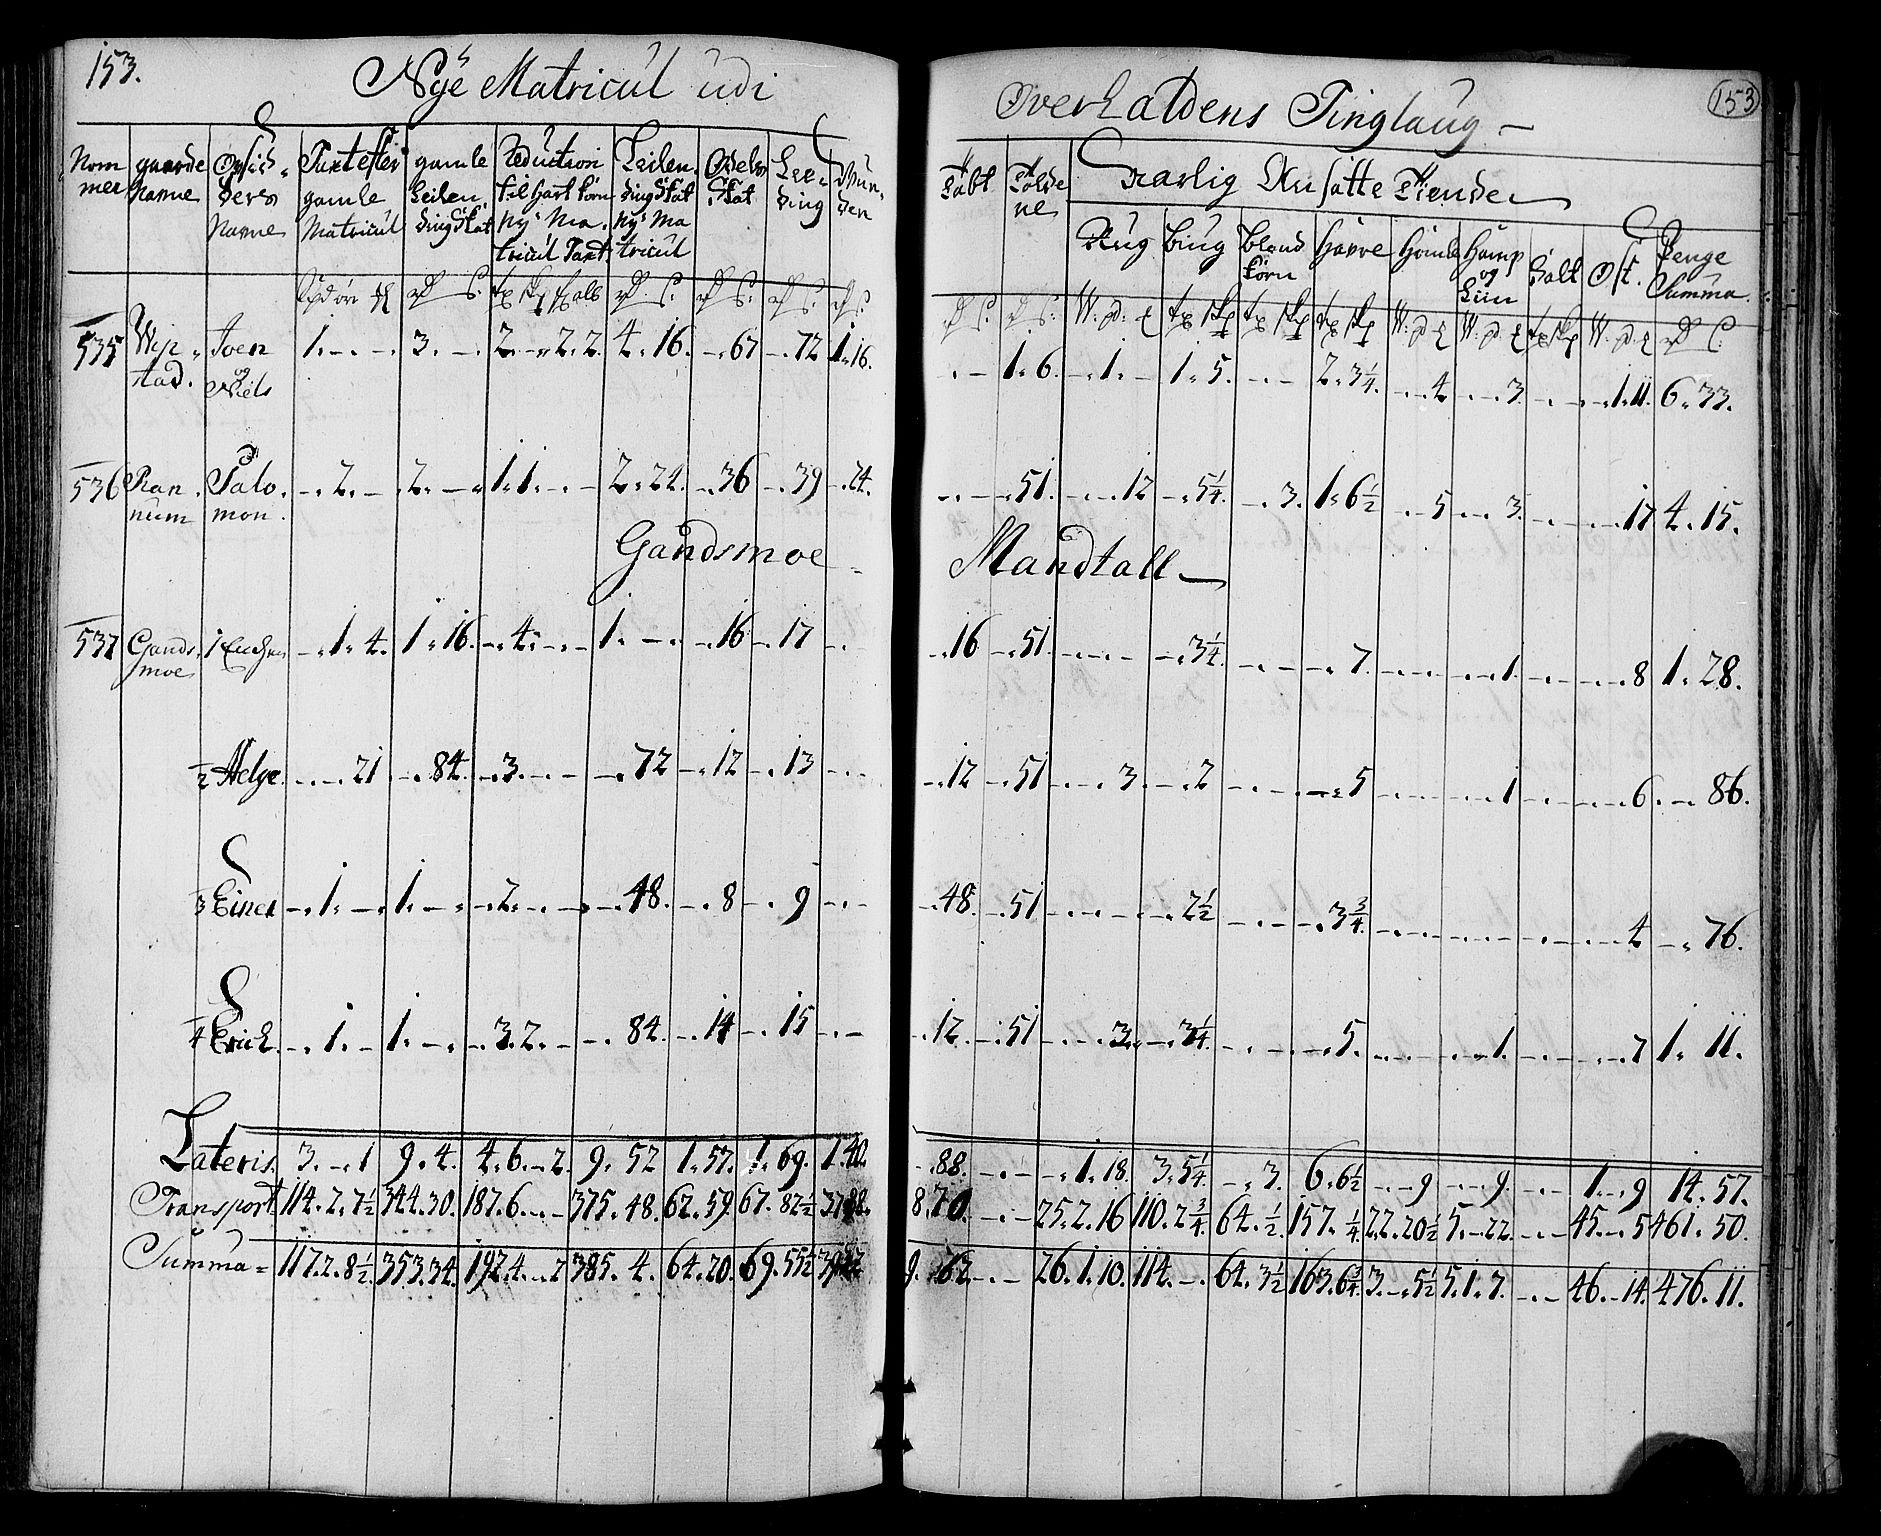 RA, Rentekammeret inntil 1814, Realistisk ordnet avdeling, N/Nb/Nbf/L0169: Namdalen matrikkelprotokoll, 1723, s. 152b-153a